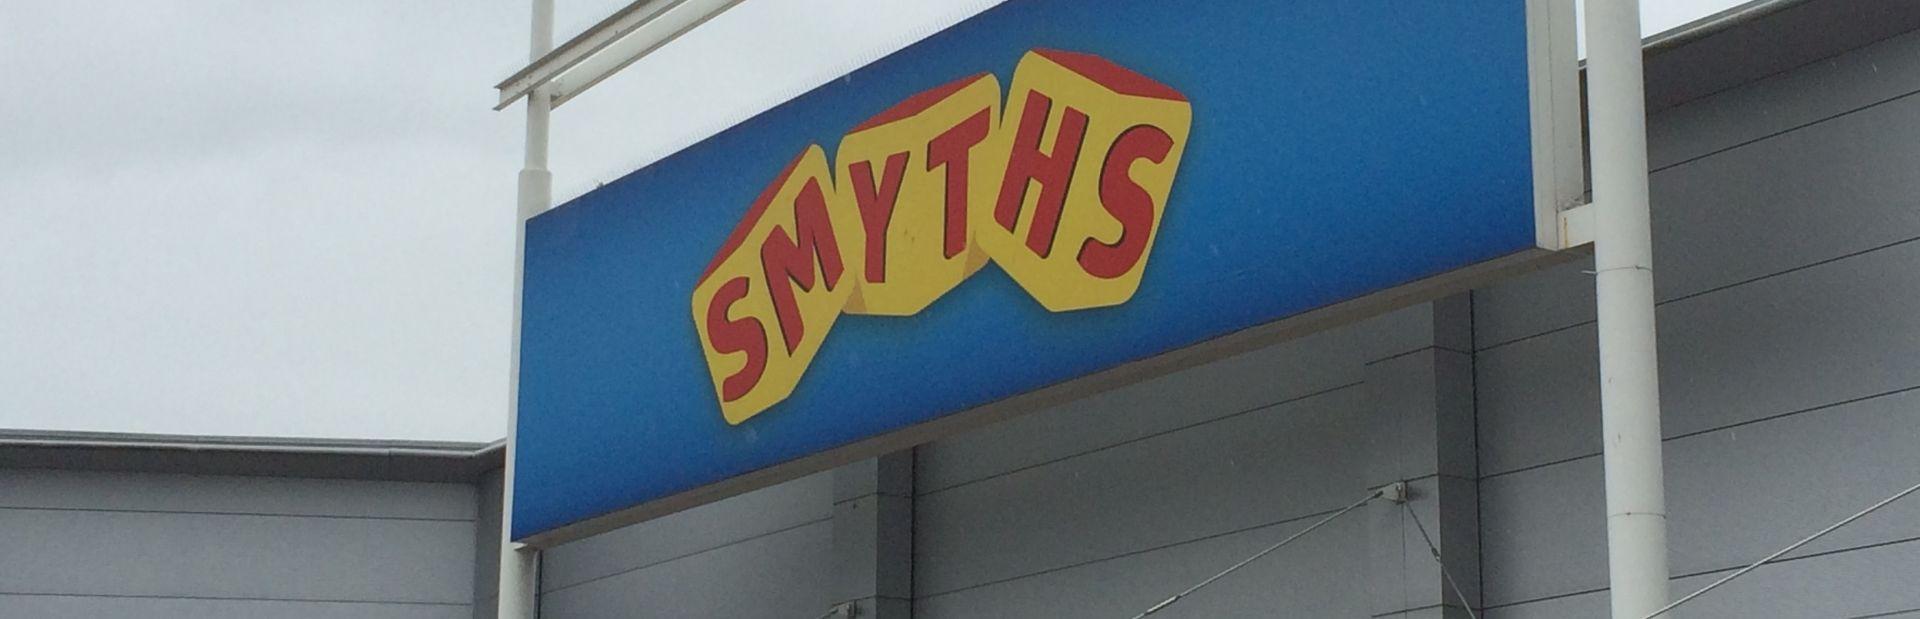 smyths-toys-successstory-banner2